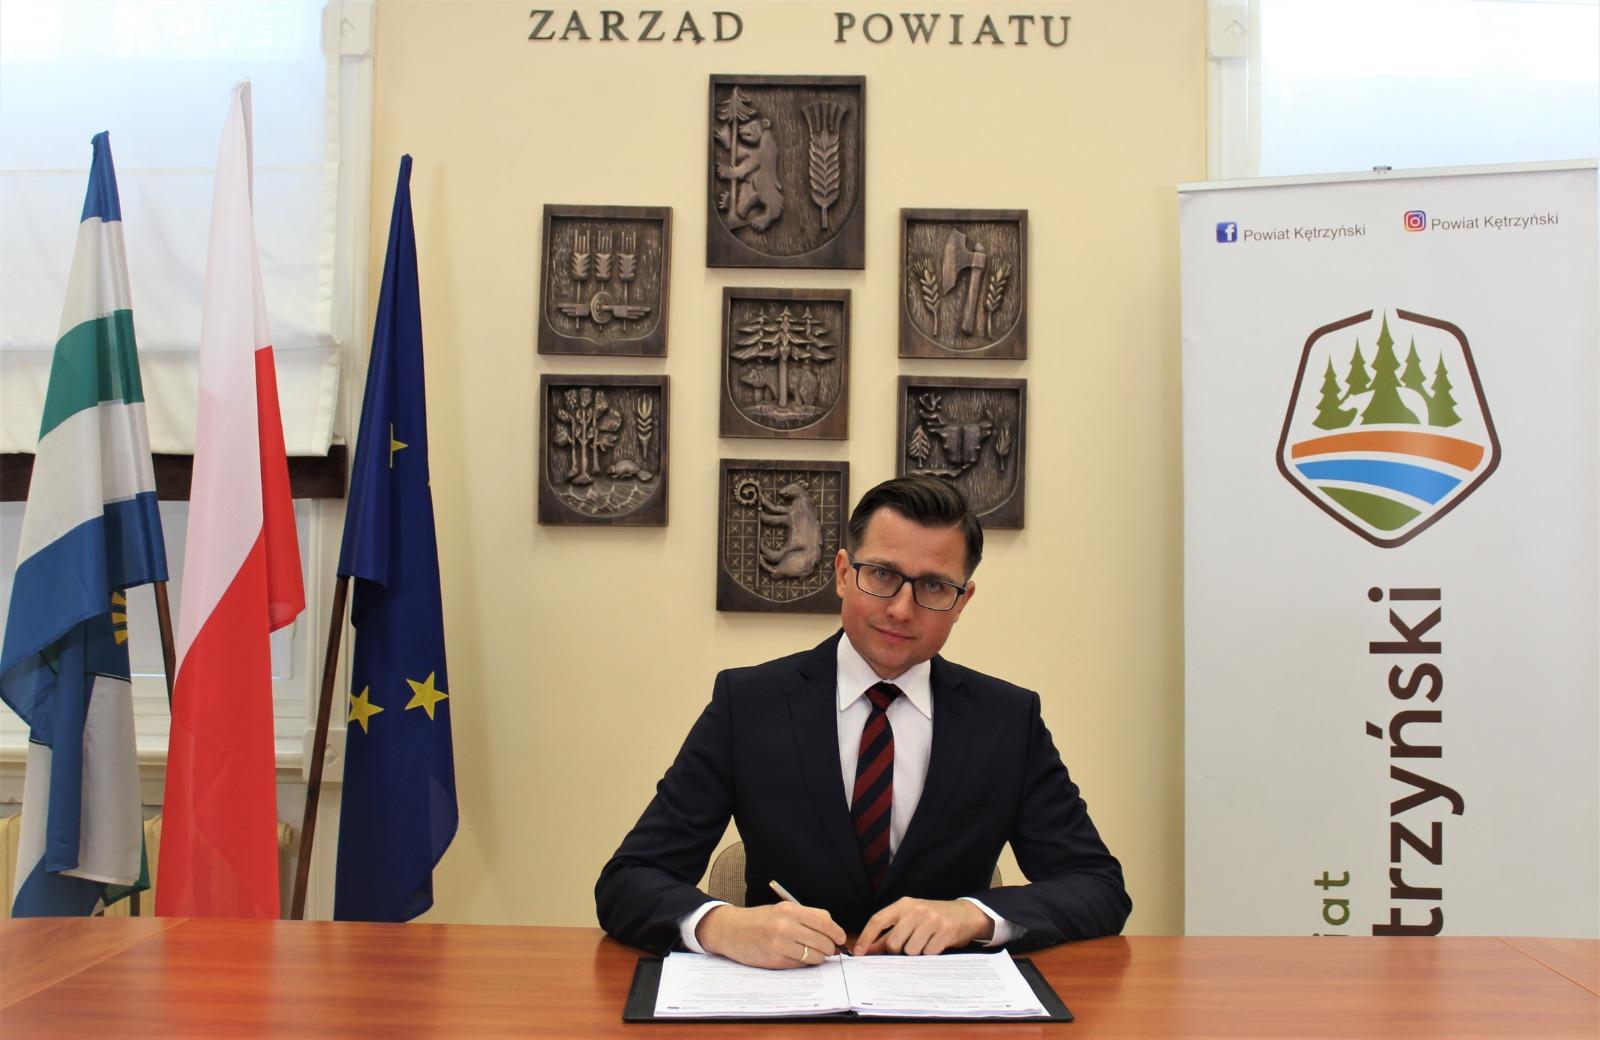 Fotografia przedstawia starostę kętrzyńskiego Michała Kochanowskiego podpisującego umowę o dofinansowanie projektu